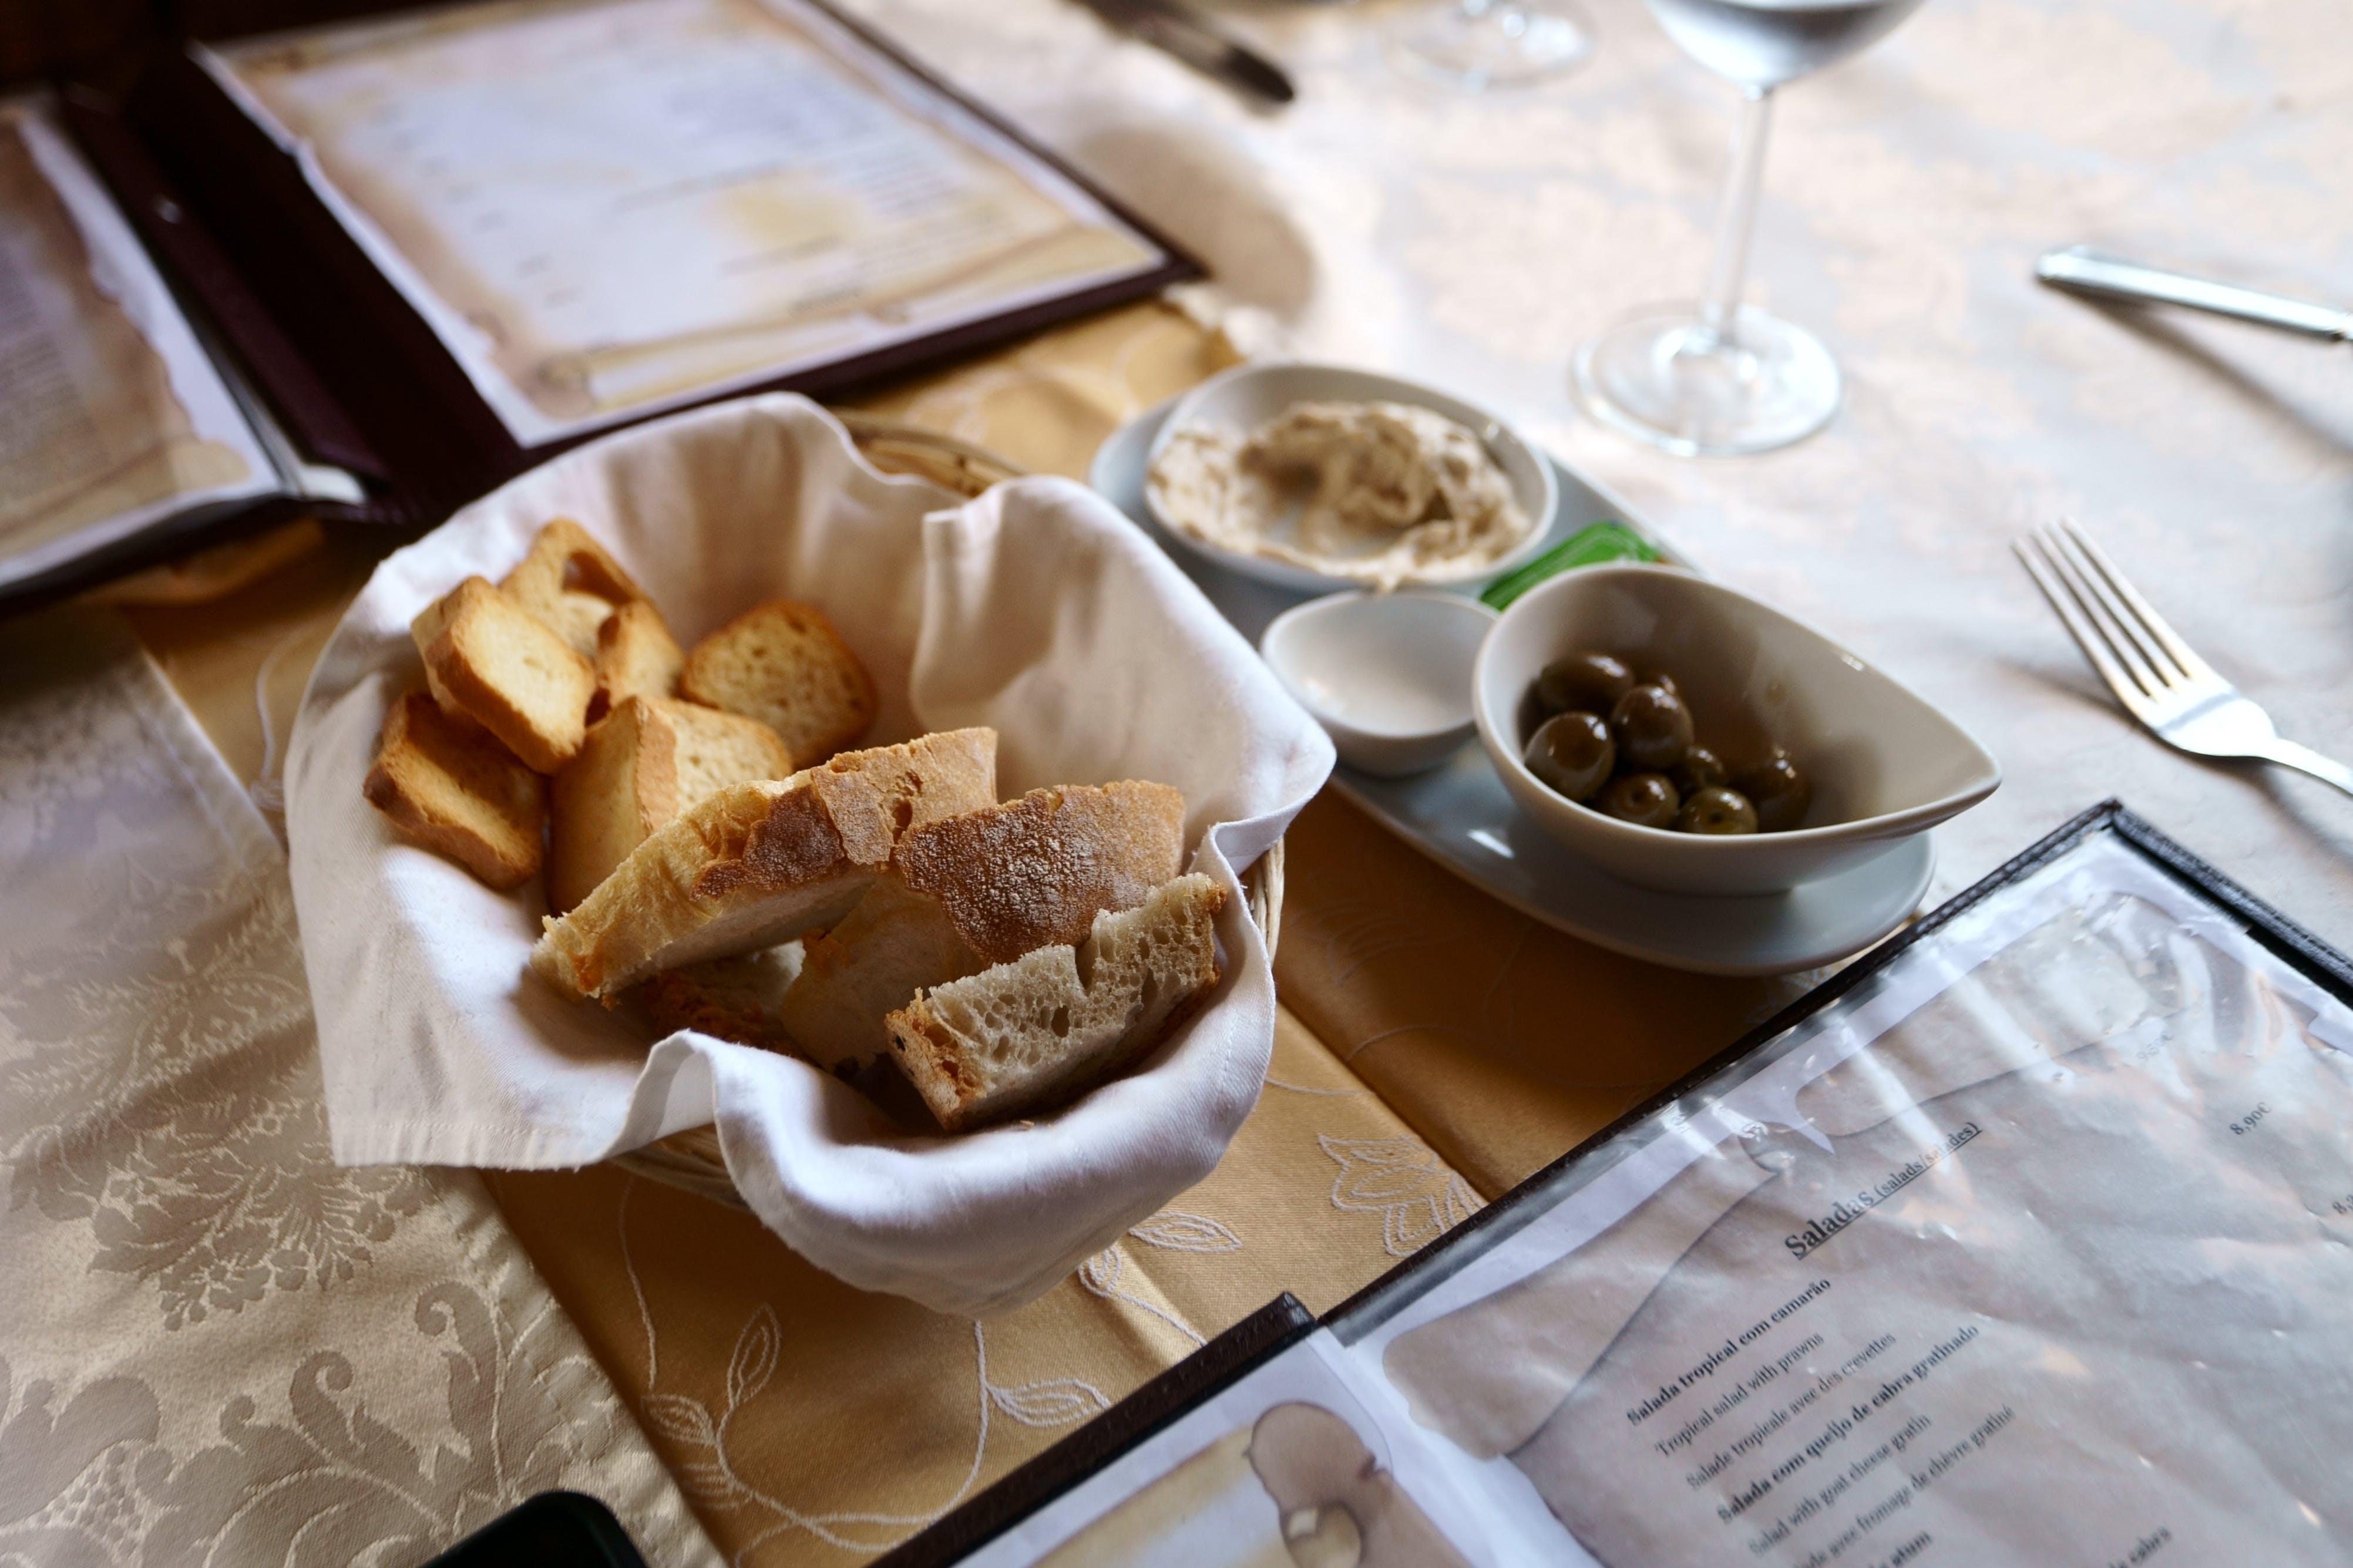 Baked Bread on Basket Besides White Ceramic Bowl